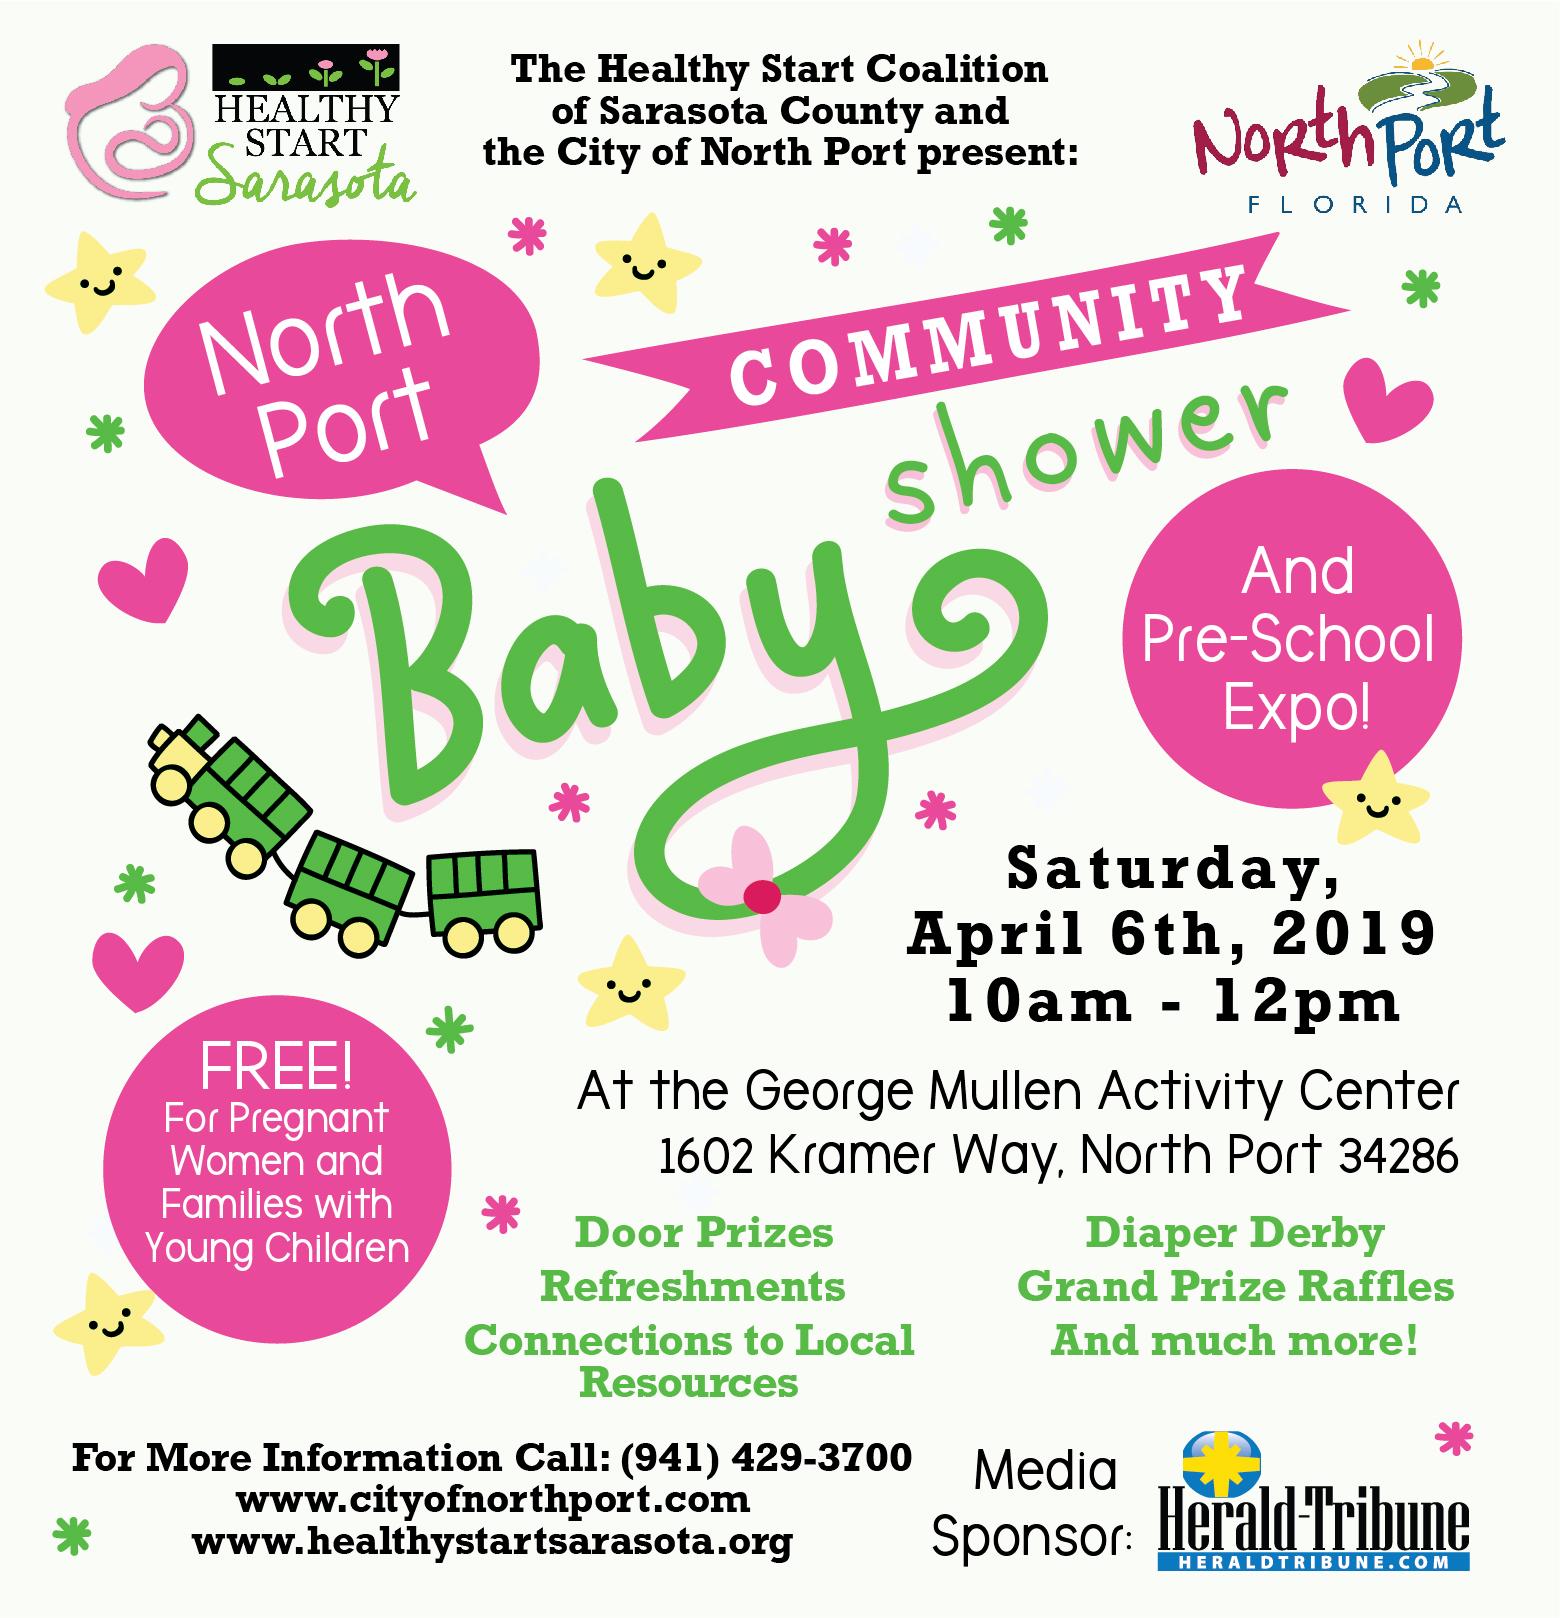 North Port Baby Shower Flyer_4.924 w x 5.25 h